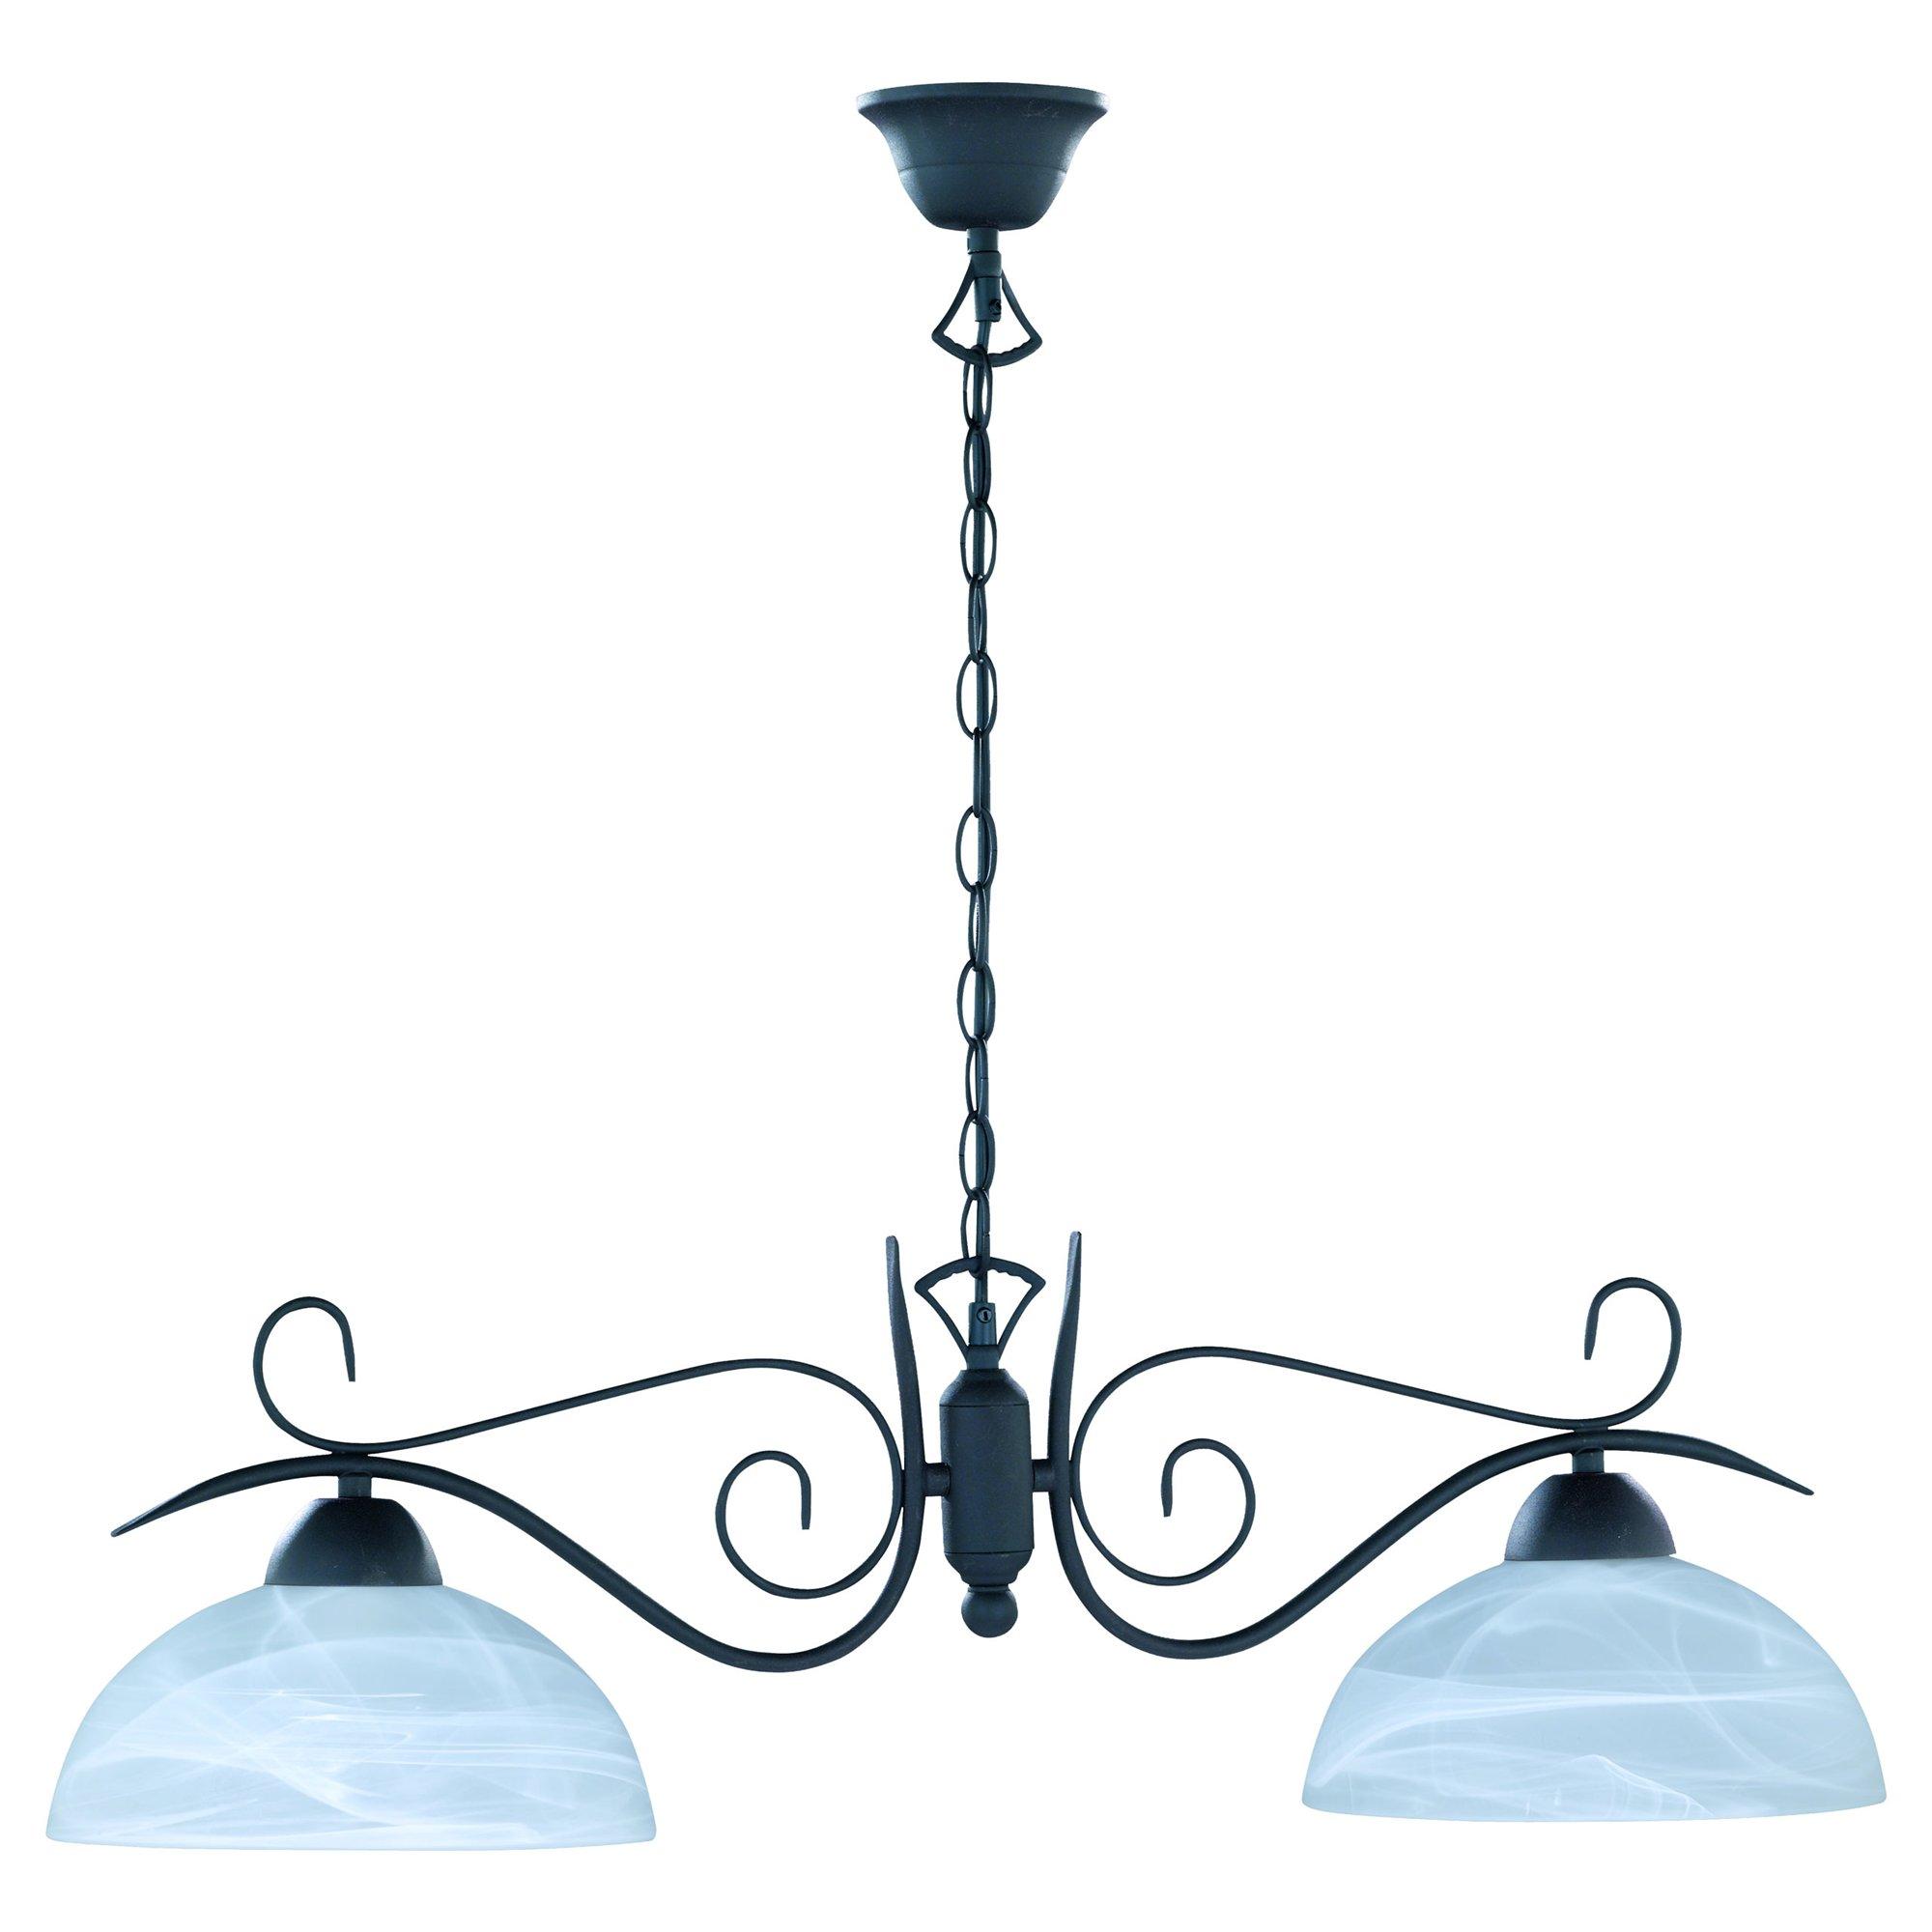 Estilos de lamparas de techo beautiful la lmpara de fibra - Estilos de lamparas de techo ...